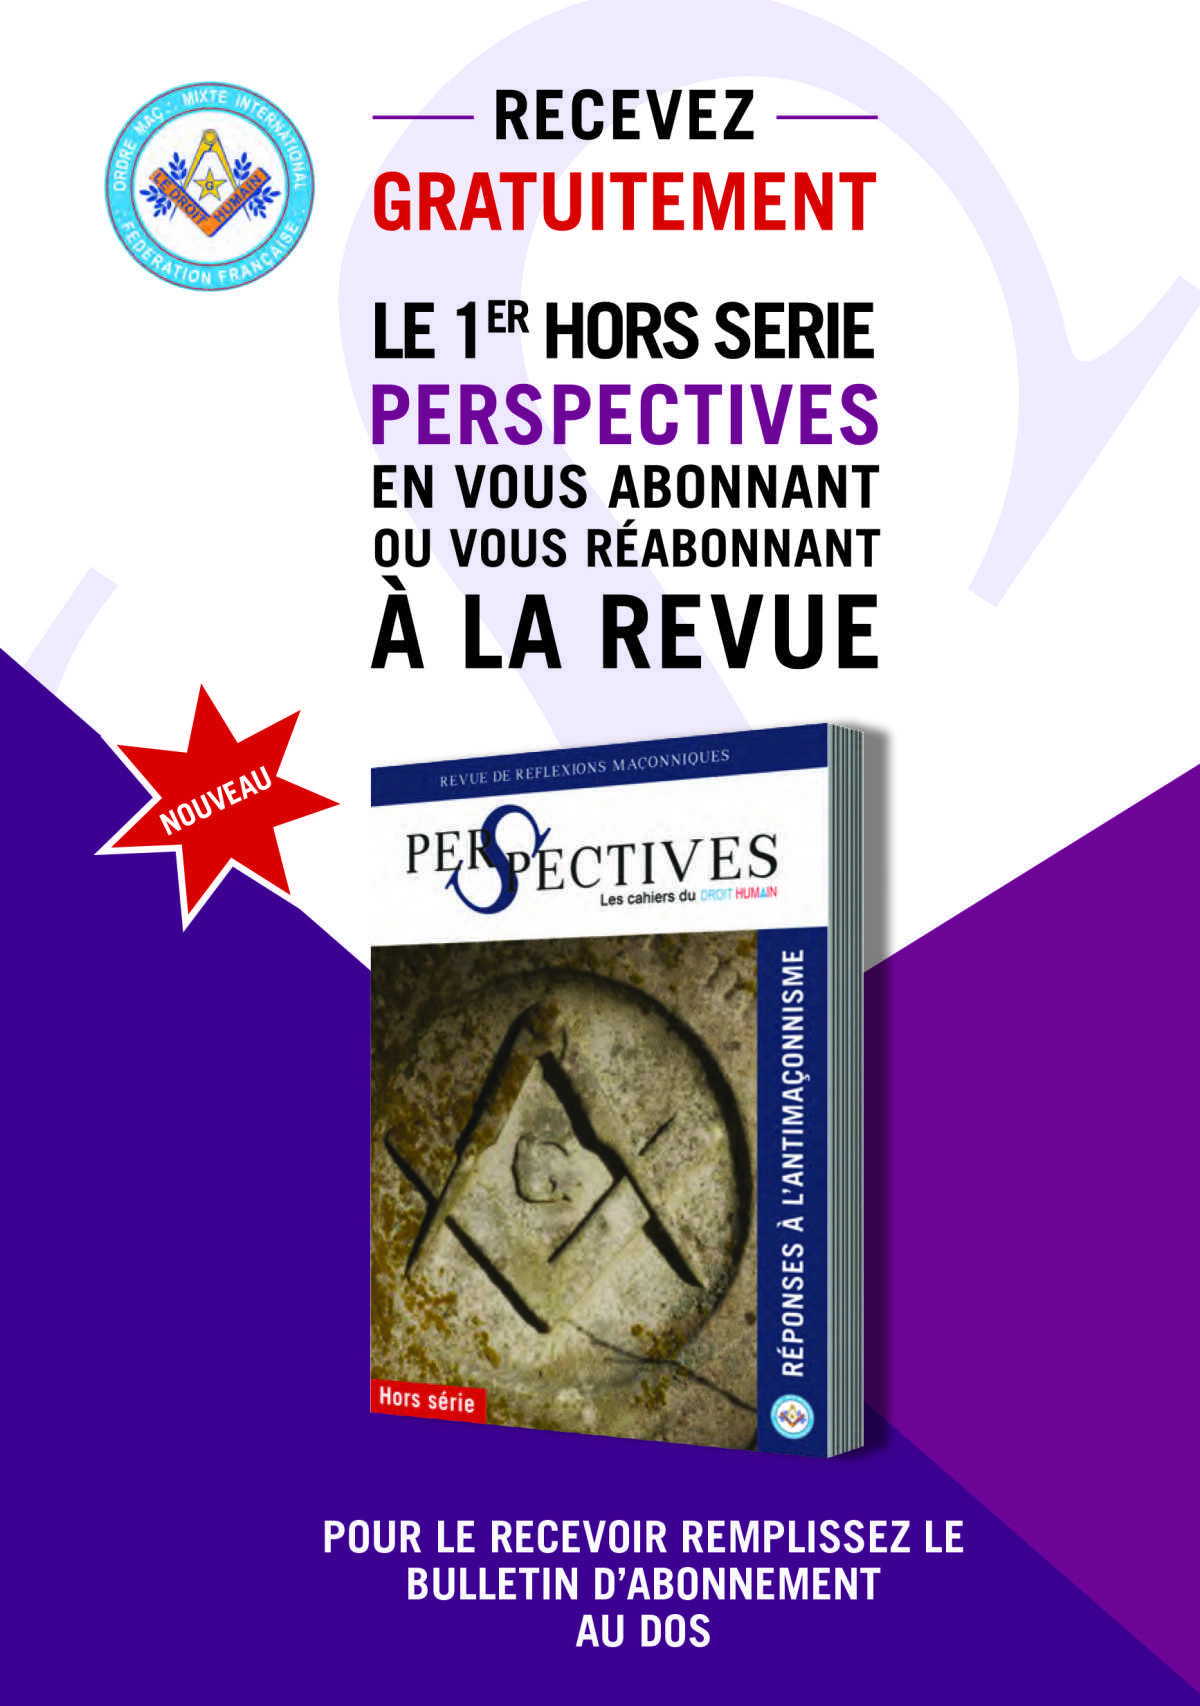 N°3 de la Revue Perspectives et hors série